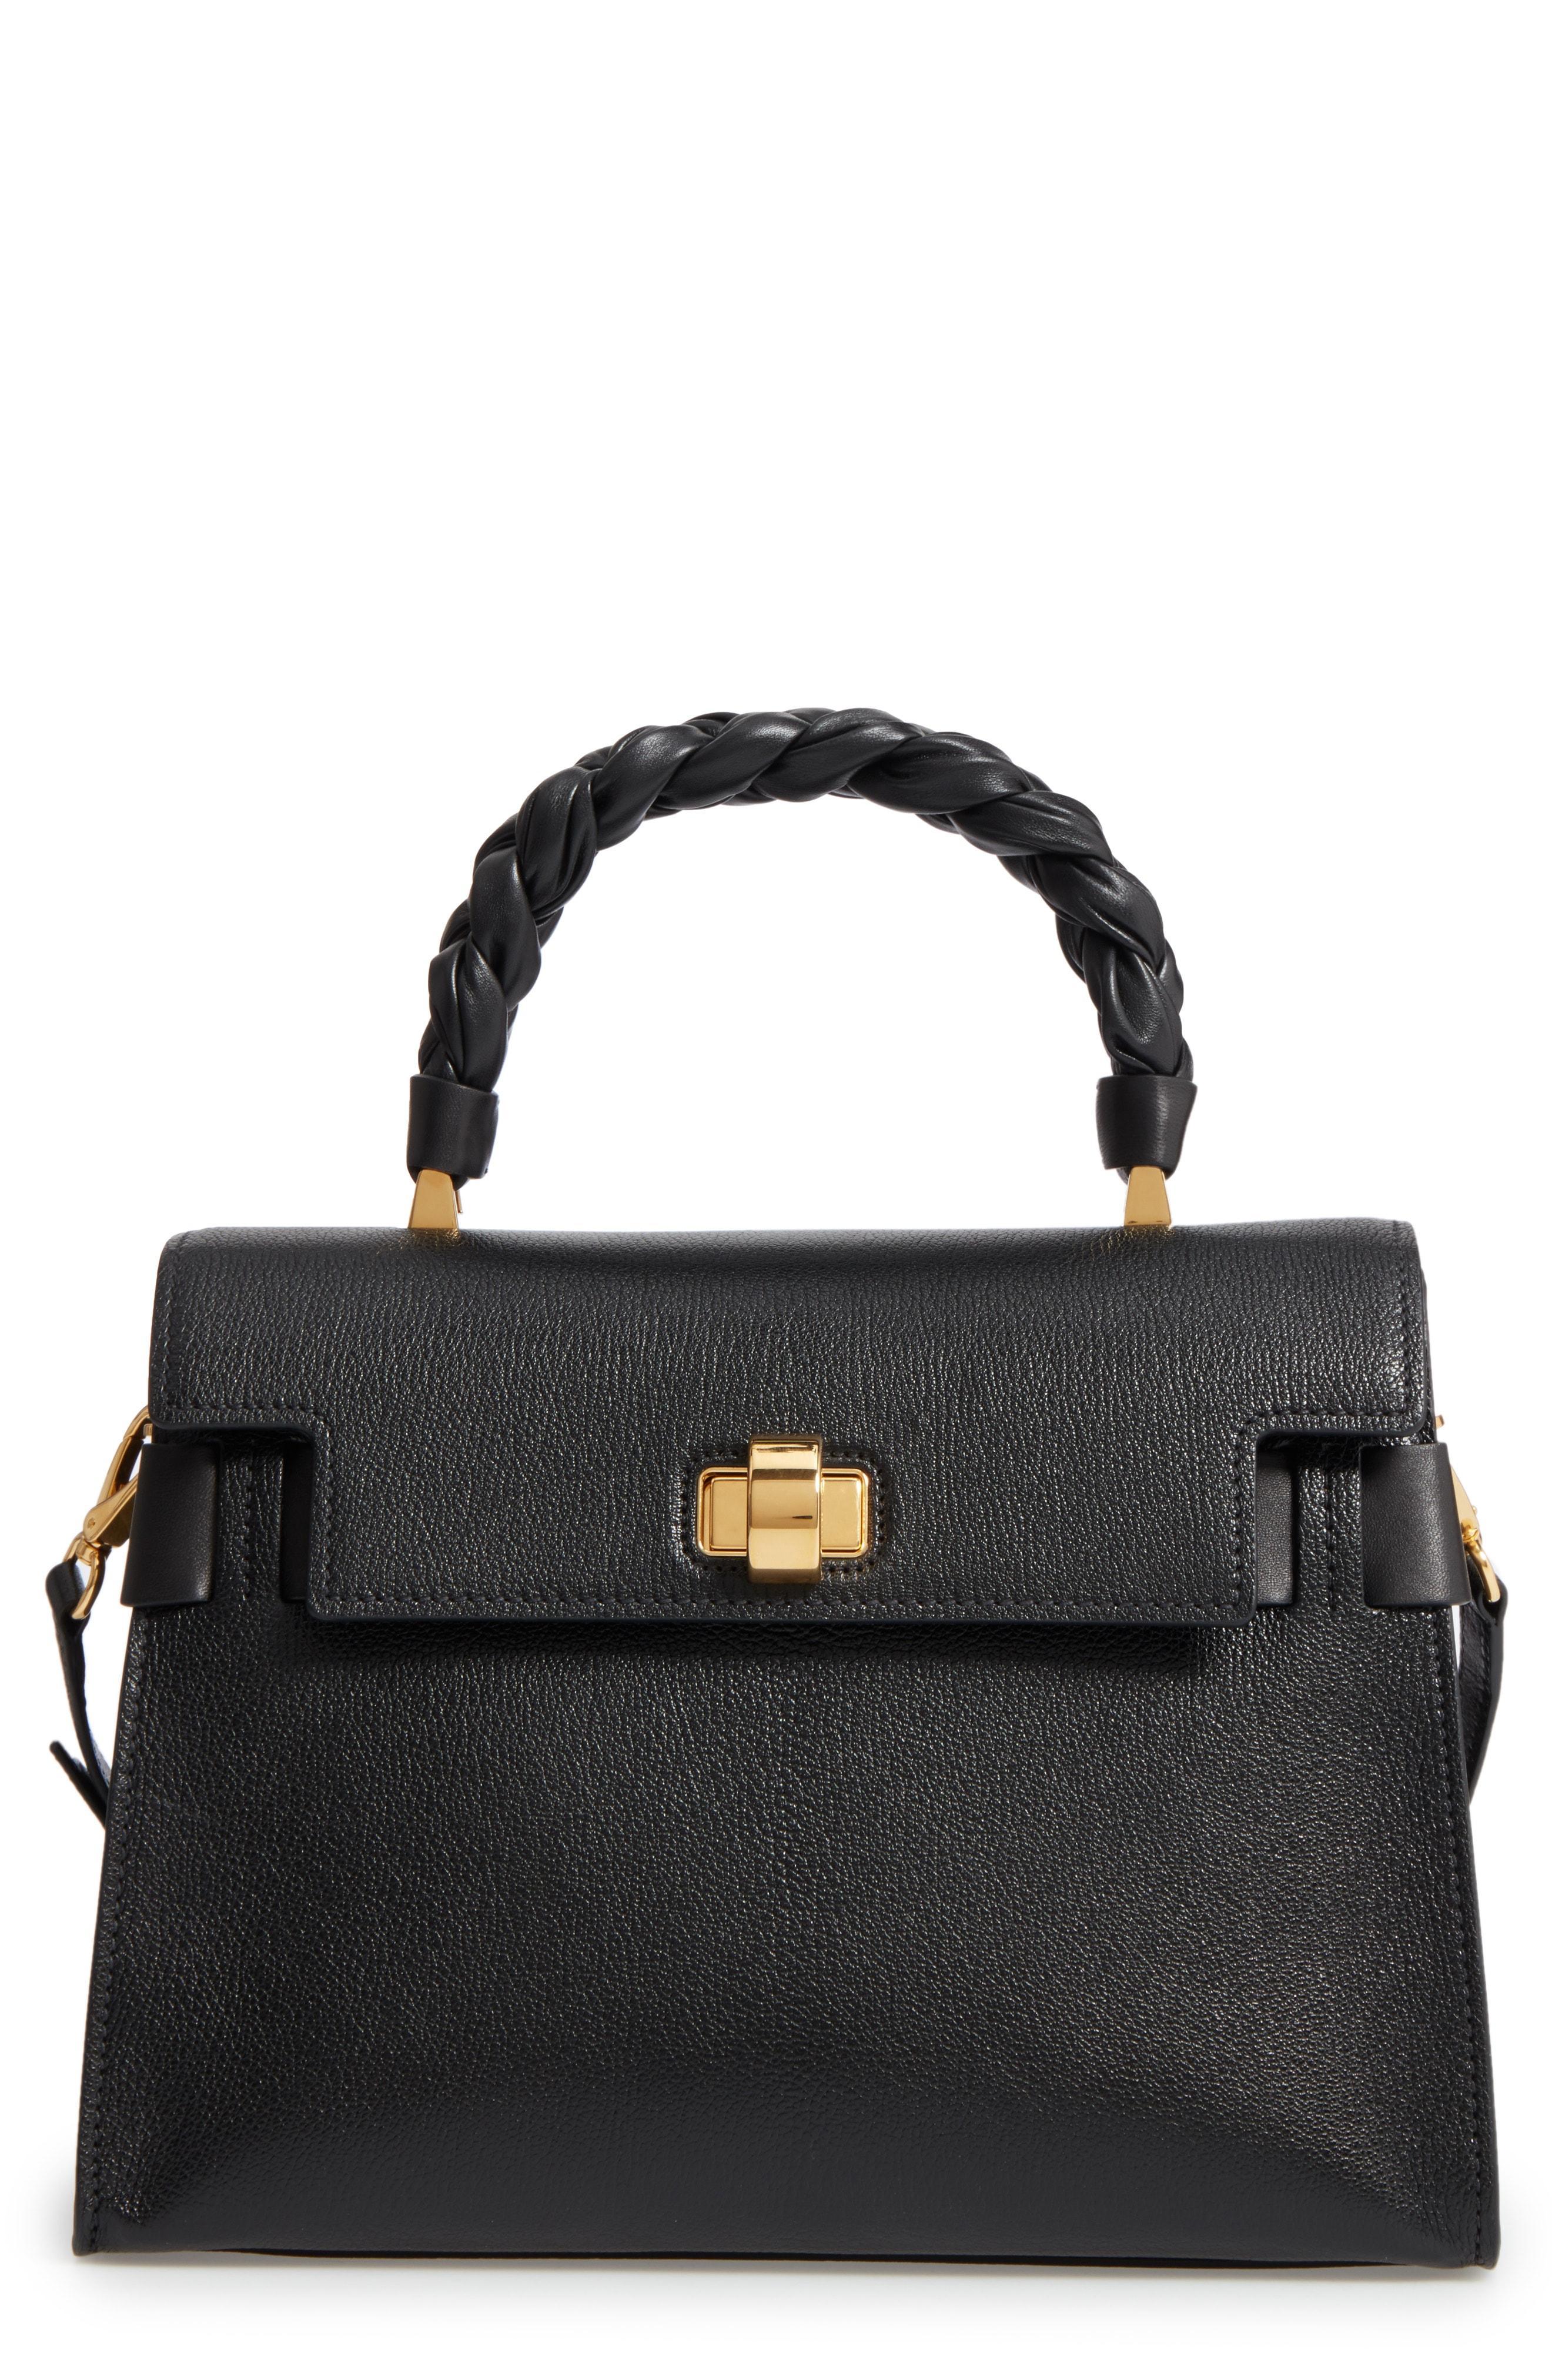 4b2cfbb36dc9 Miu Miu Madras Click Goatskin Leather Satchel in Black - Lyst